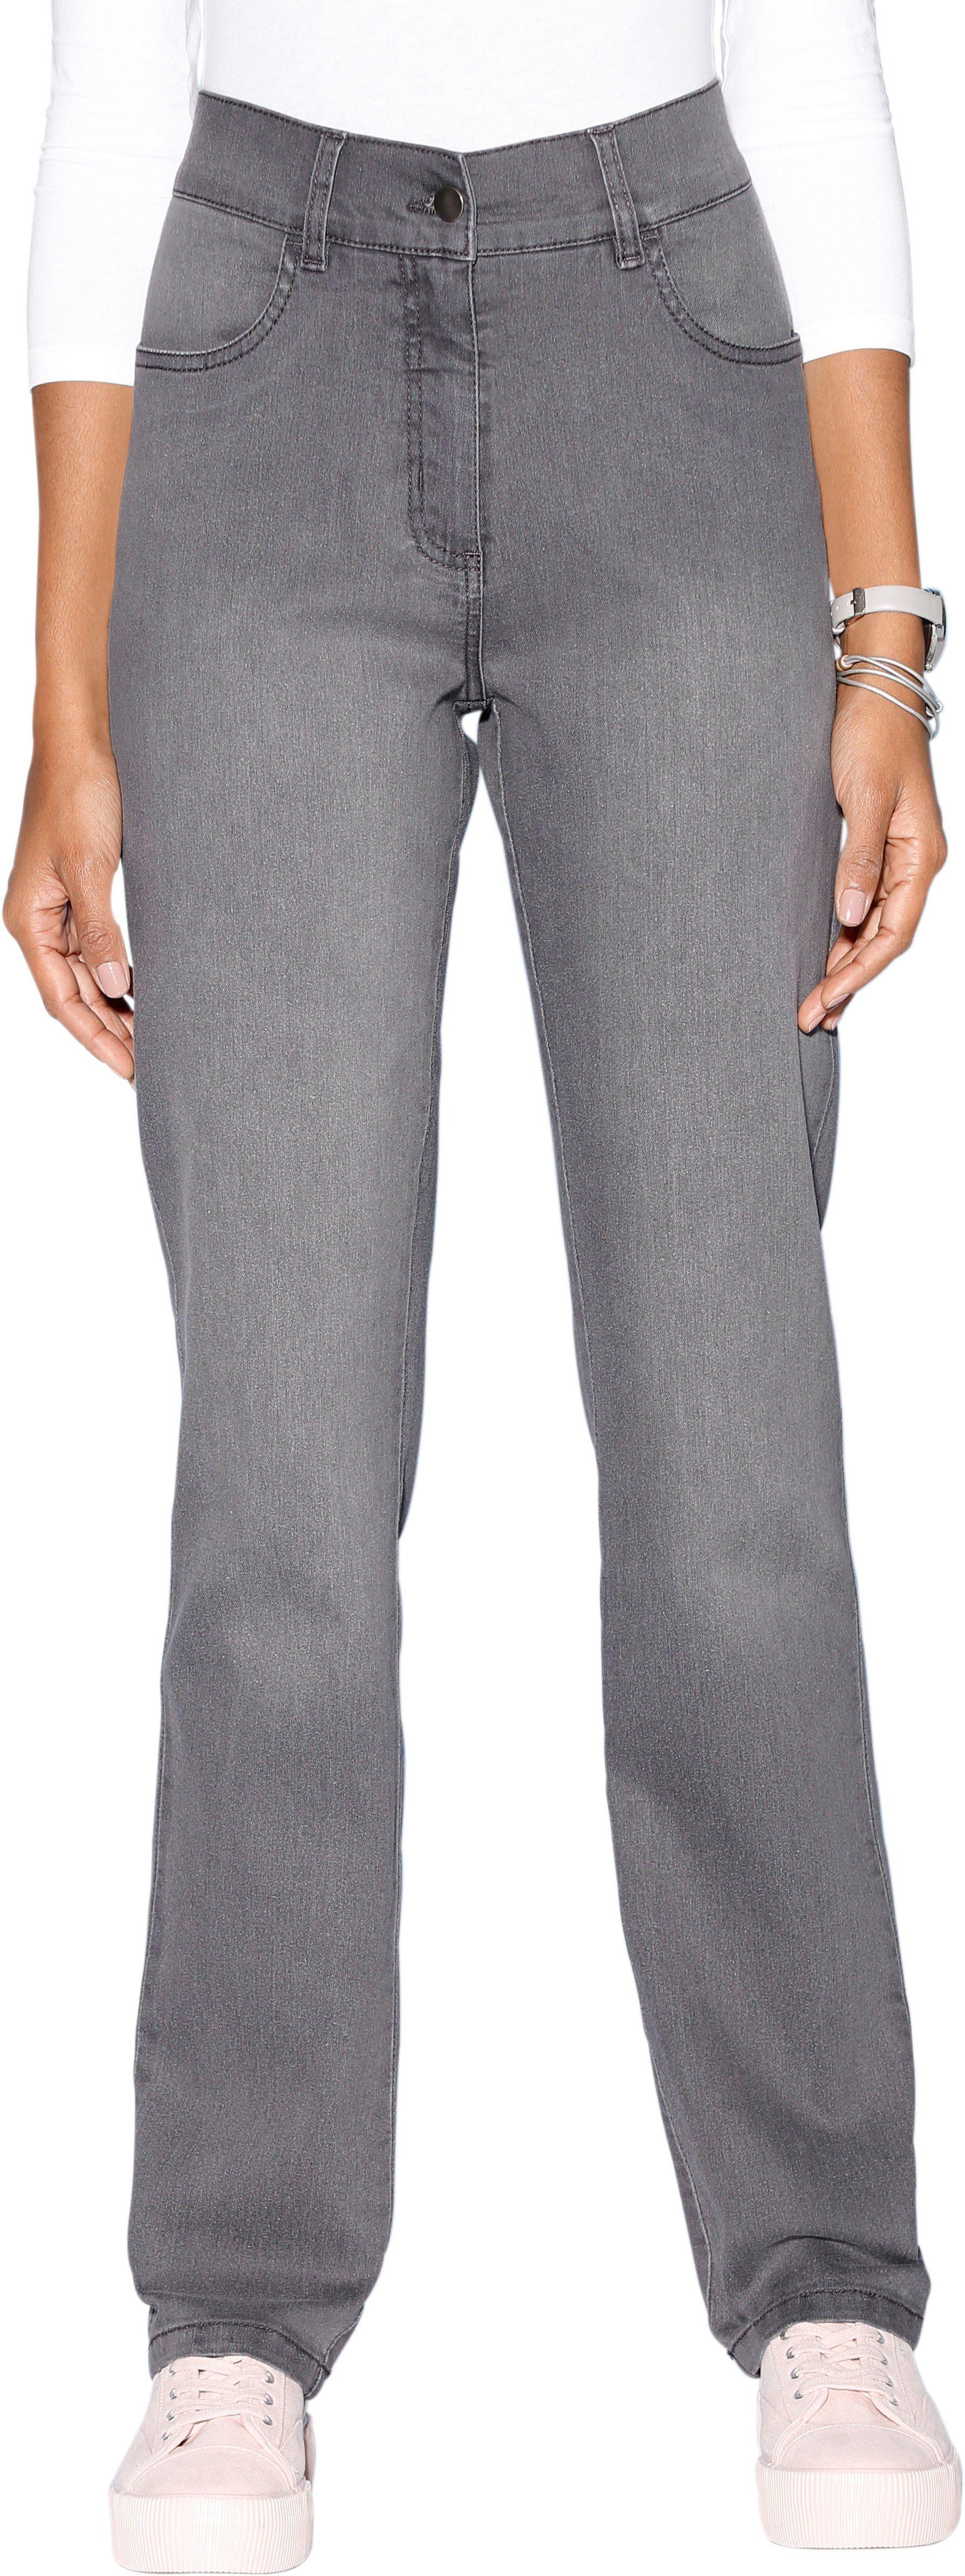 Classic Basics Jeans mit Wow-Effekt